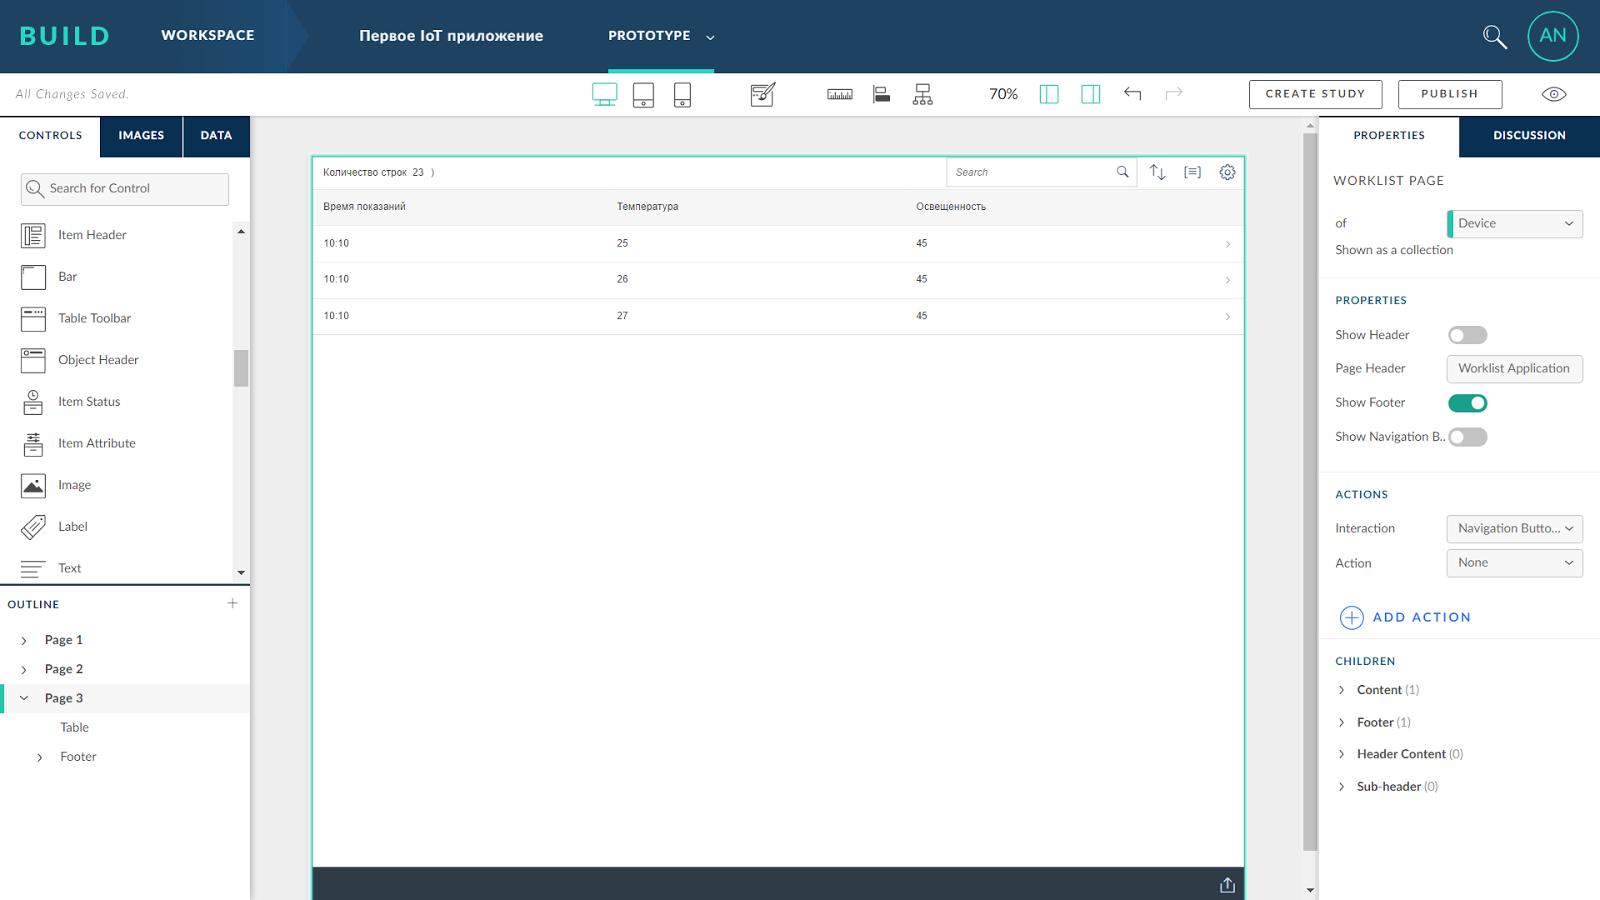 SAP BUILD – инструмент построения пользовательских интерфейсов - 20